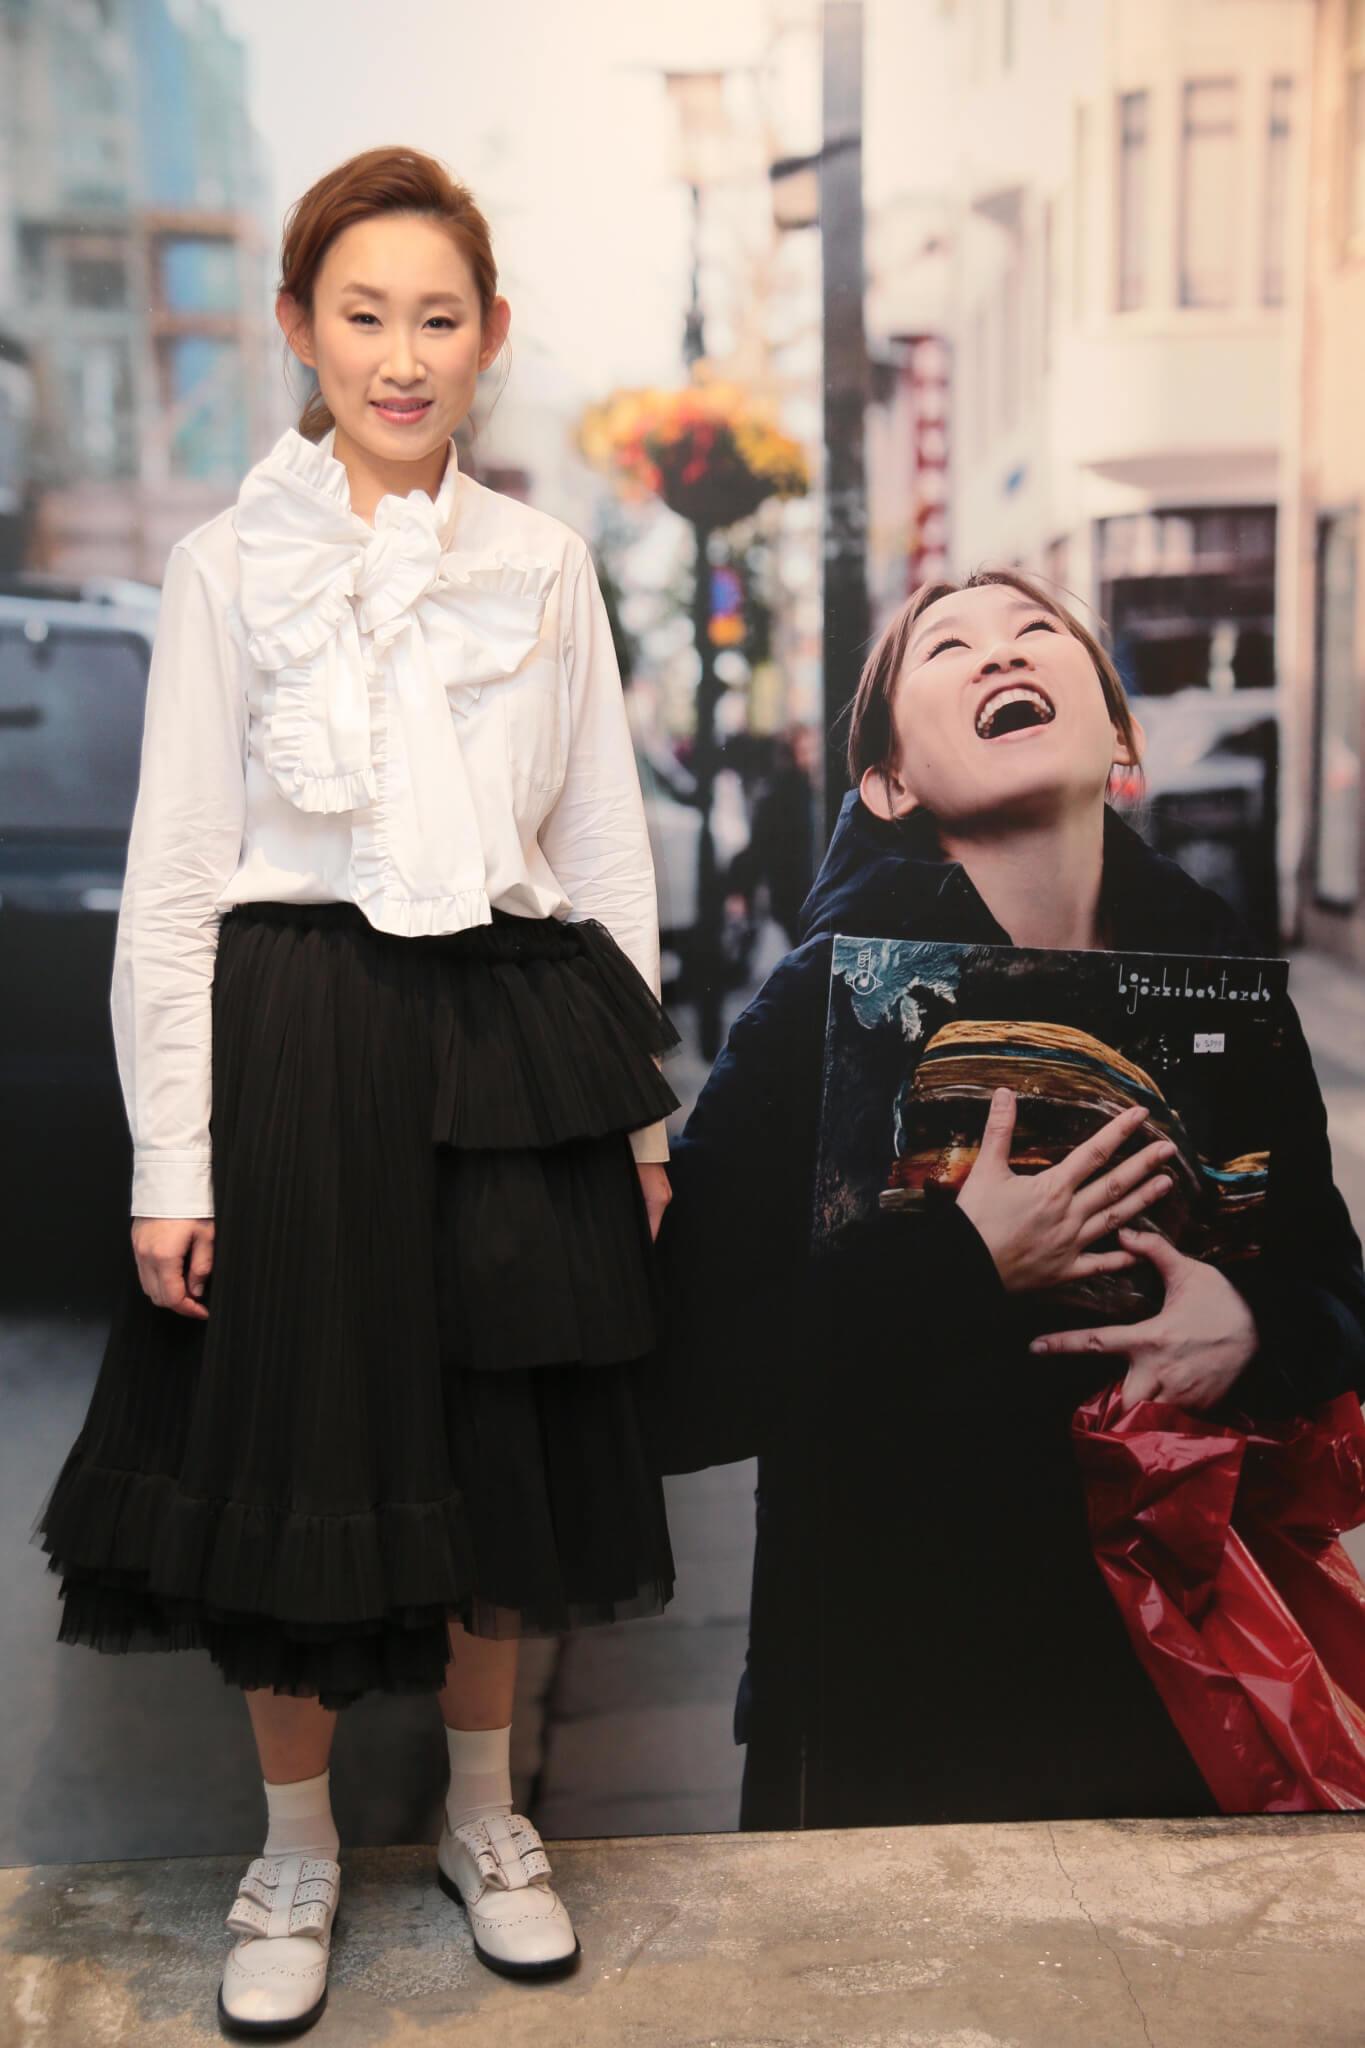 王菀之在2017年5月22日於中環Usagi Gallery Space舉行「lvana Wong Much Feeling Little Thinking : A Photographic Storytelling Pop Up」相展。